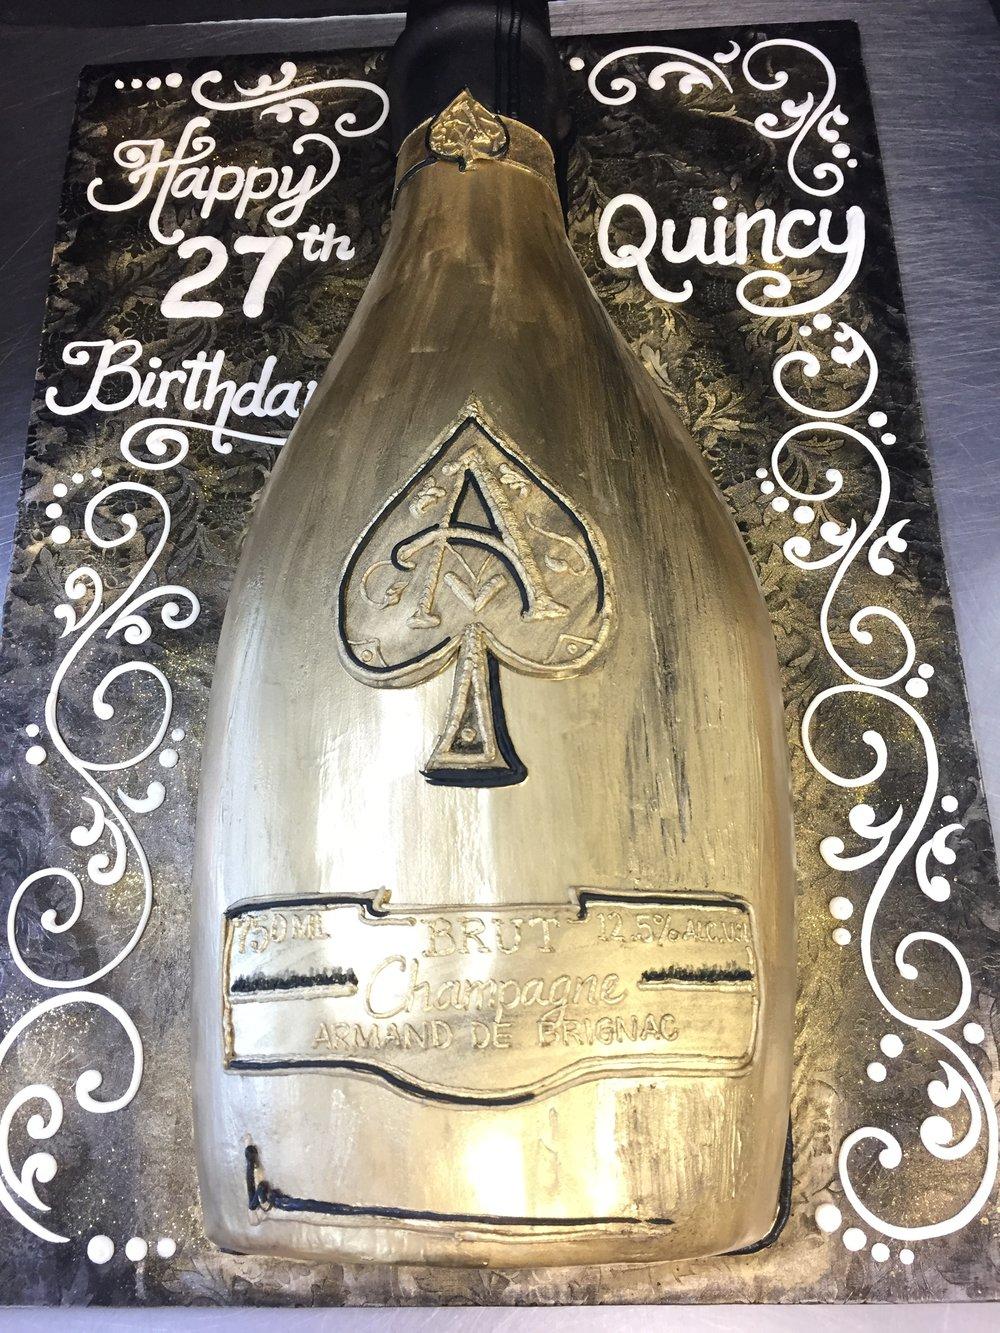 Golden Bottle Birthday Cake